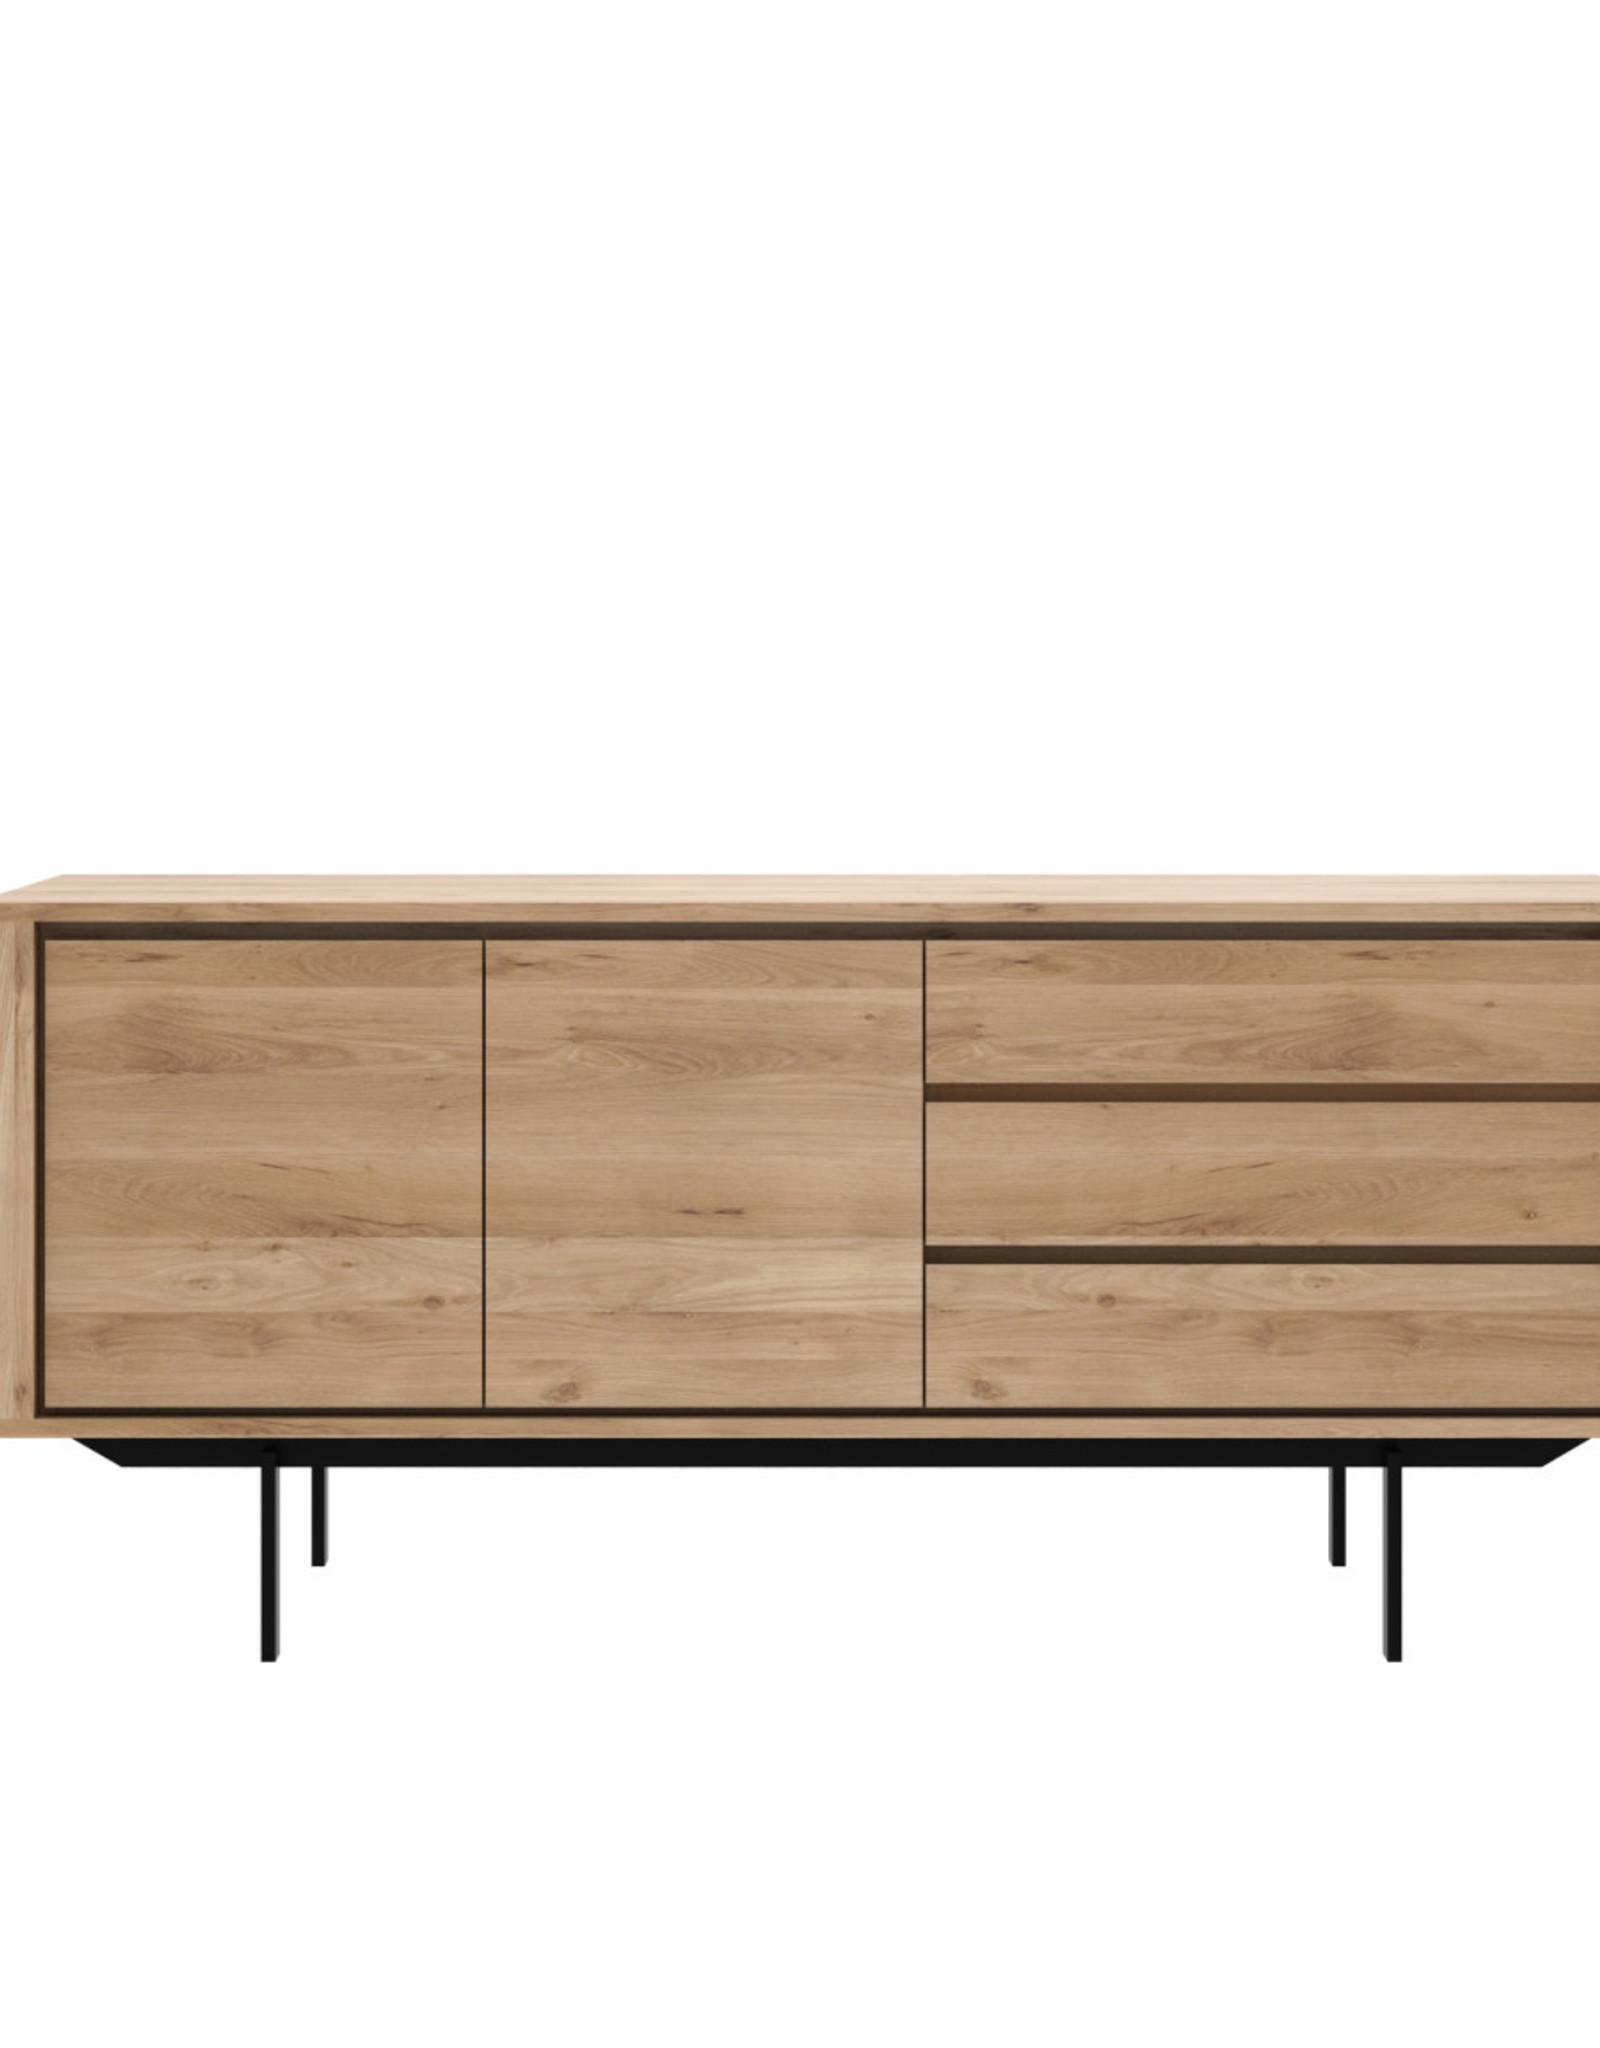 Oak Shadow sideboard - 2 doors - 3 drawers - black metal legs